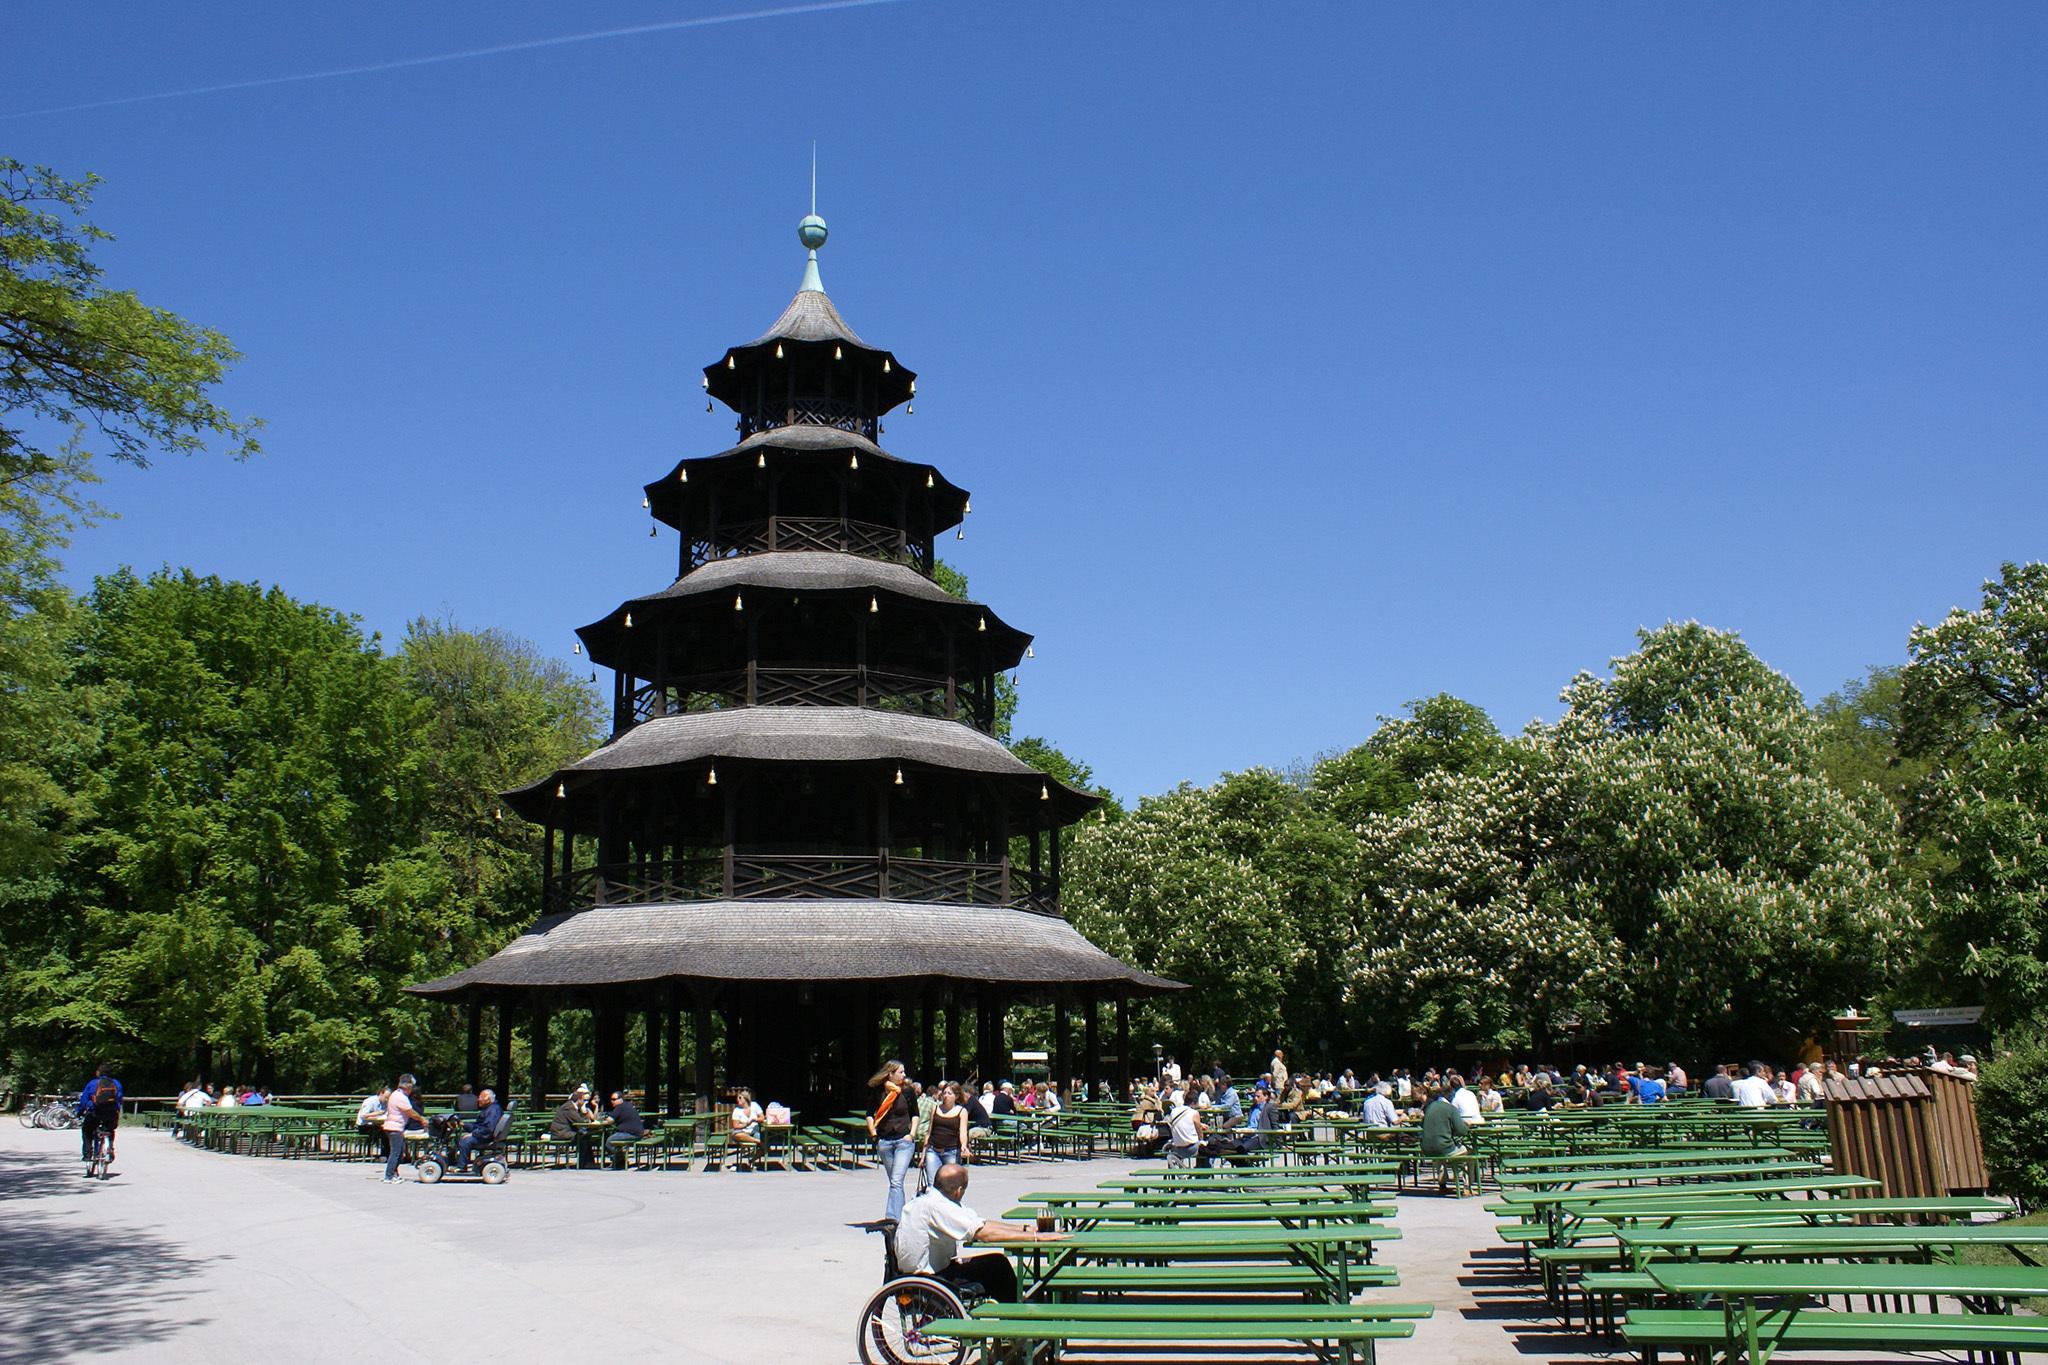 Chinesischer Turm, eitw